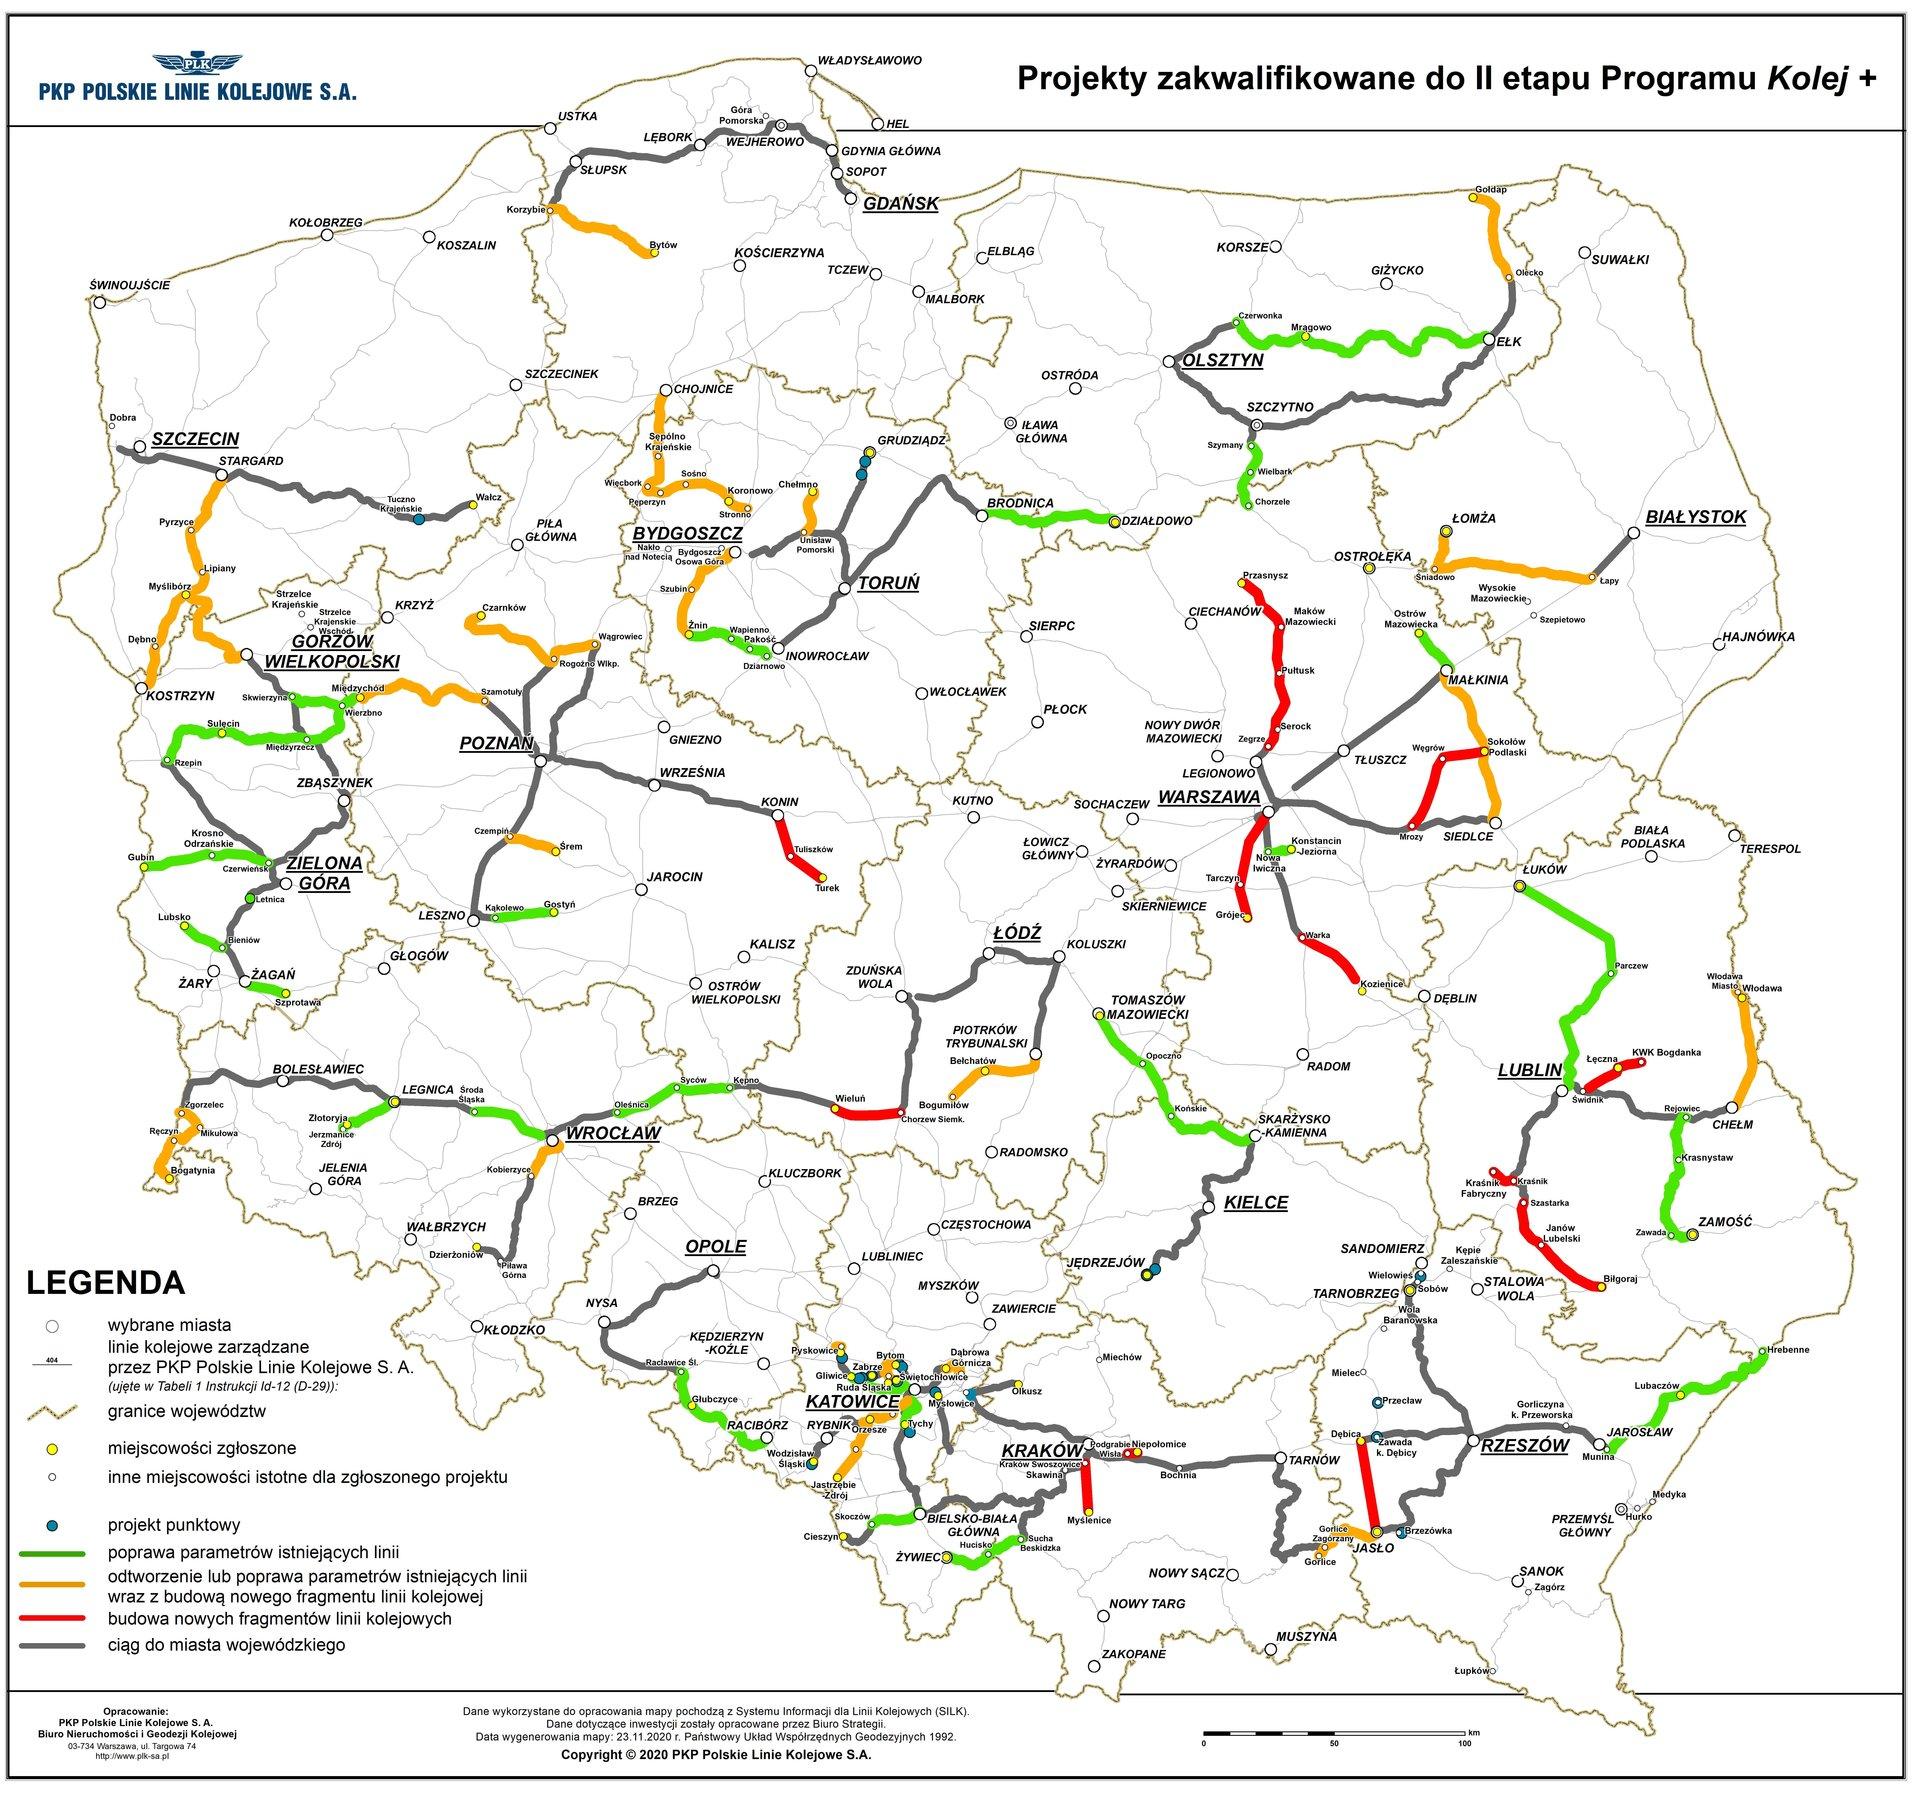 Wygraliśmy PKP Polskie Linie Kolejowe S.A. zakończyły ocenę formalną wniosków zgłoszonych do Programu Uzupełniania Lokalnej i Regionalnej Infrastruktury Kolejowej Kolej + do 2028 roku. 79 zgłoszonych propozycji w tym zapowiadaną przeze mnie nowa linia kolejowa relacji Bydgoszcz - Koronowo - Sośno - Pęperzyn - Więcbork - Sępólno Kr - Kamień K. - Chojnice, które spełnia kryteria i cele Programu i jest zakwalifikowana do II etapu naboru,co potwierdza załączona mapa. Tomasz Roman Bracka